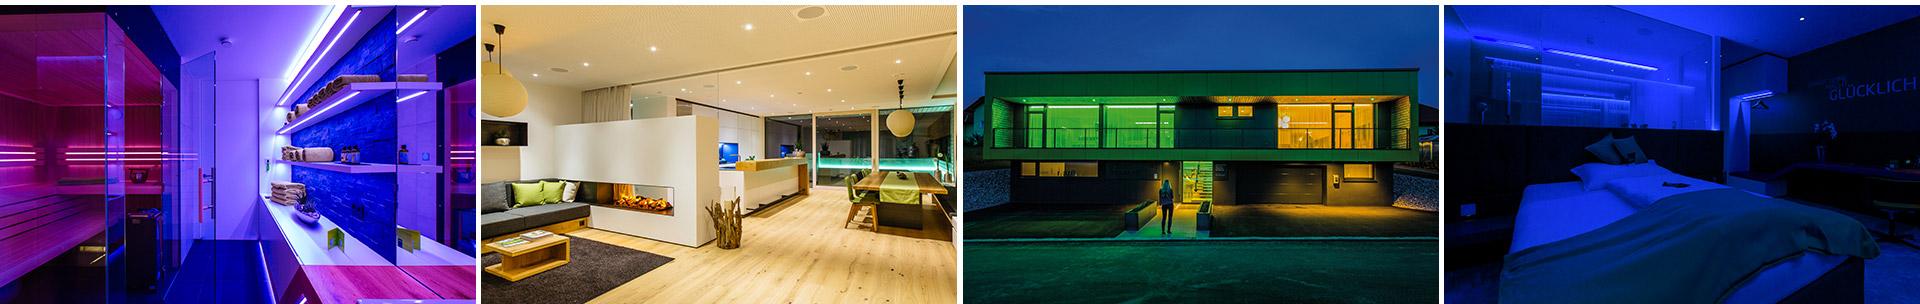 světelné scény v domácnosti snadno s pomocí Loxone Miniserveru